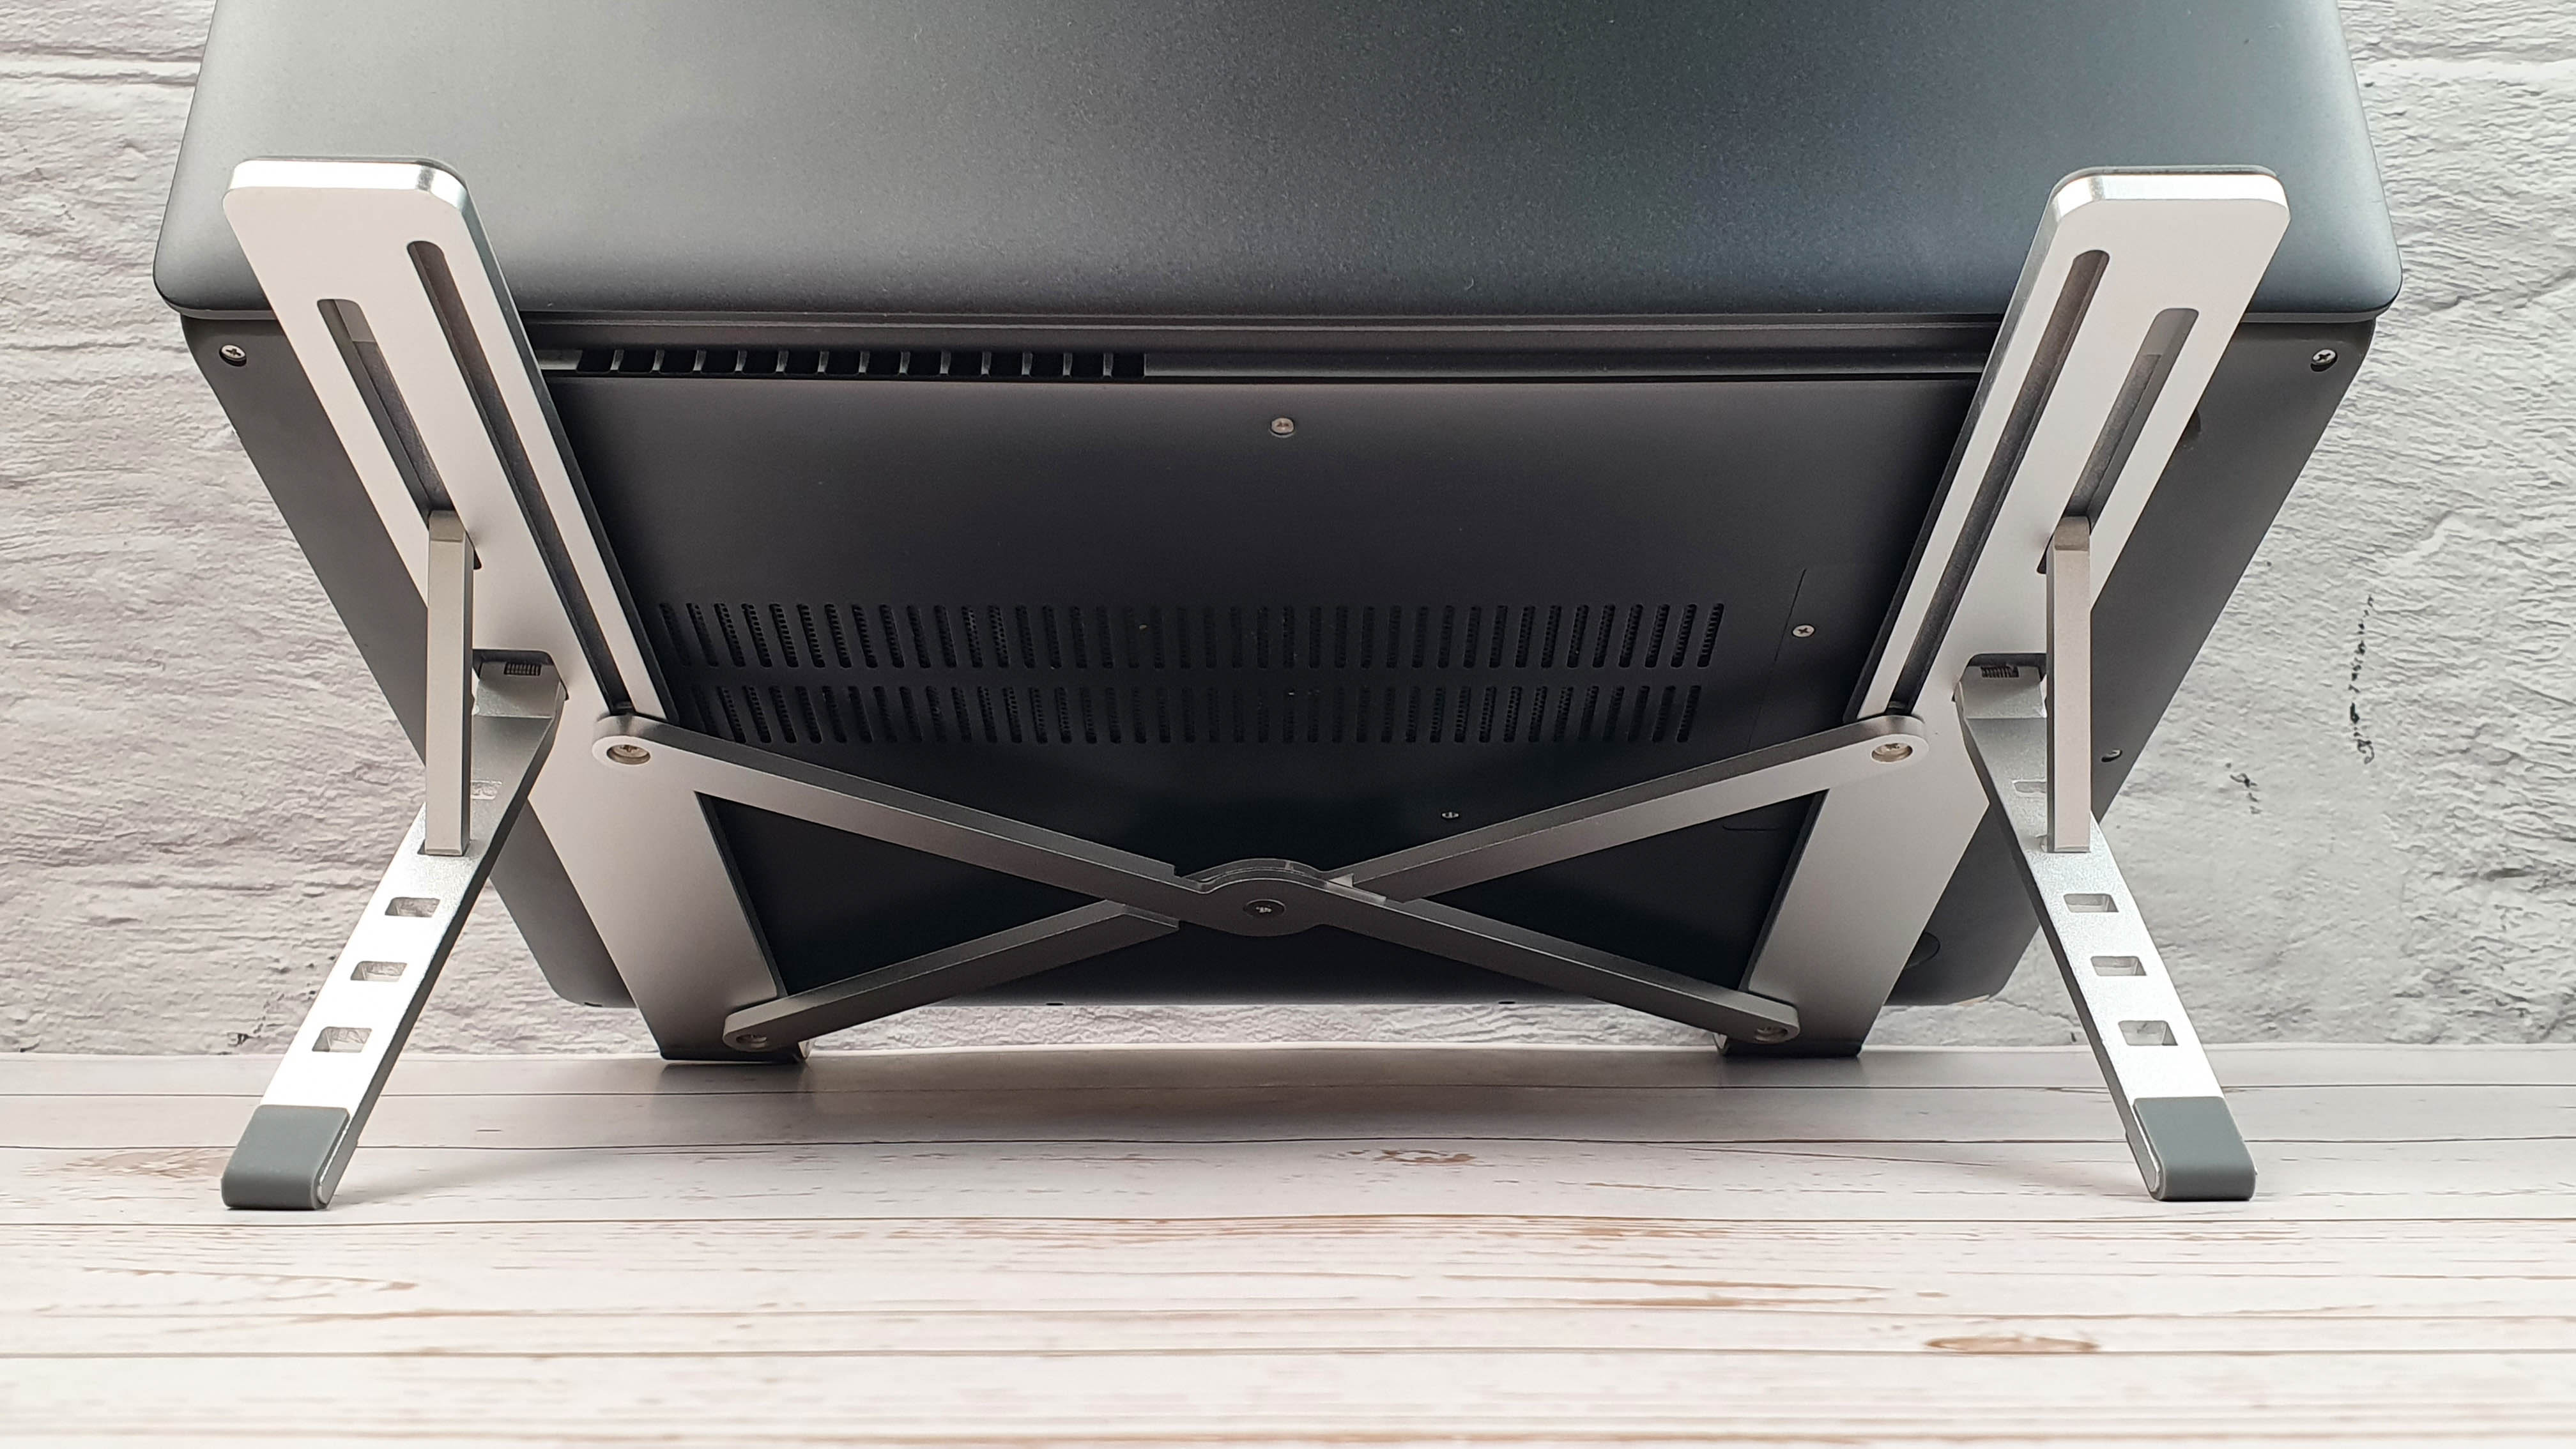 Универсальная складная подставка Ugreen для ноутбука: прагматичность и комфорт. Обзор на InSKU.com